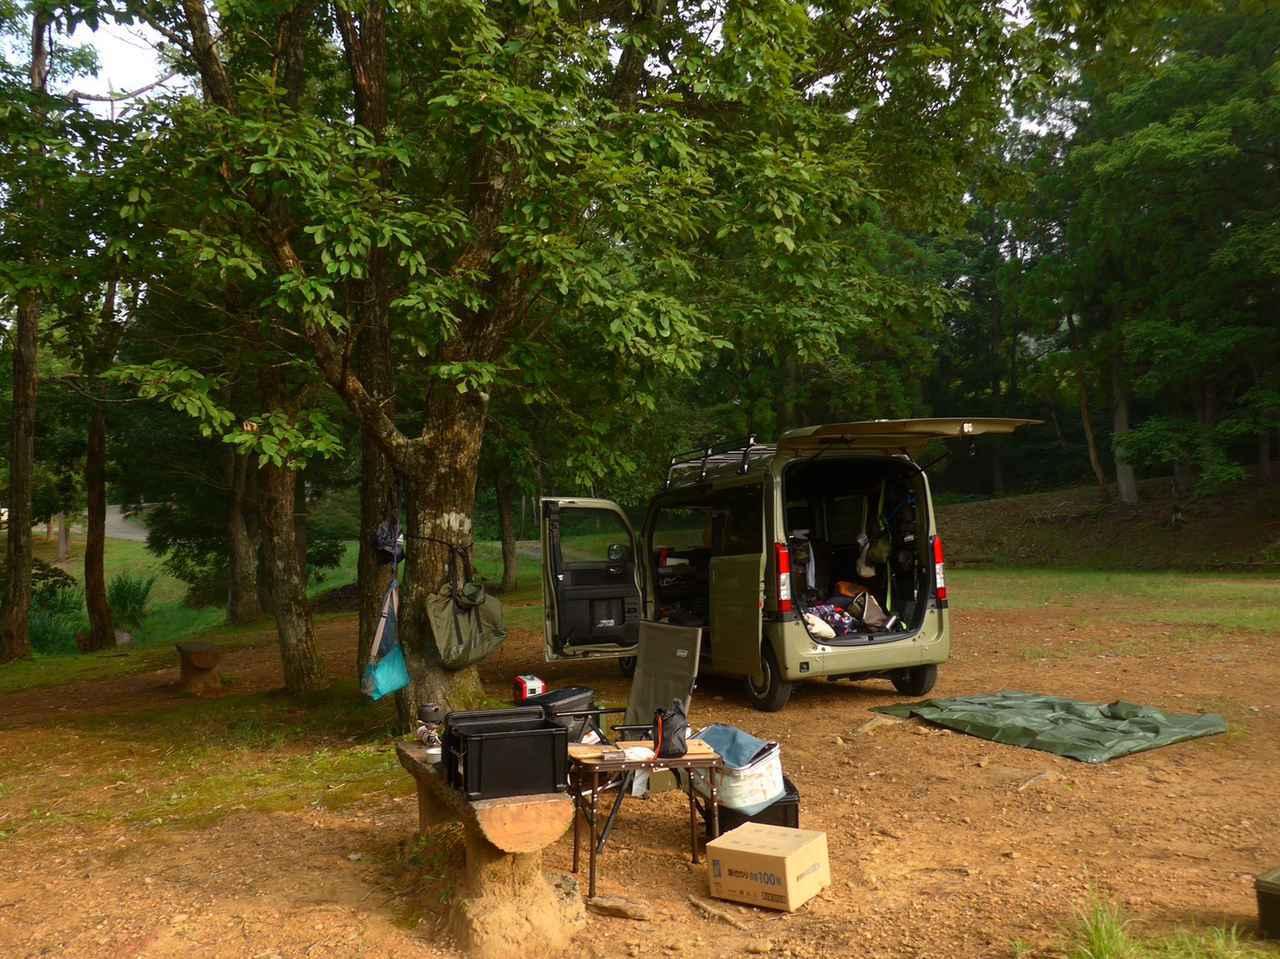 画像: N-VANでキャンプを楽しむ(イメージ) 写真〈若林浩志のスーパー・カブカブ・ダイアリーズ〉 www.autoby.jp